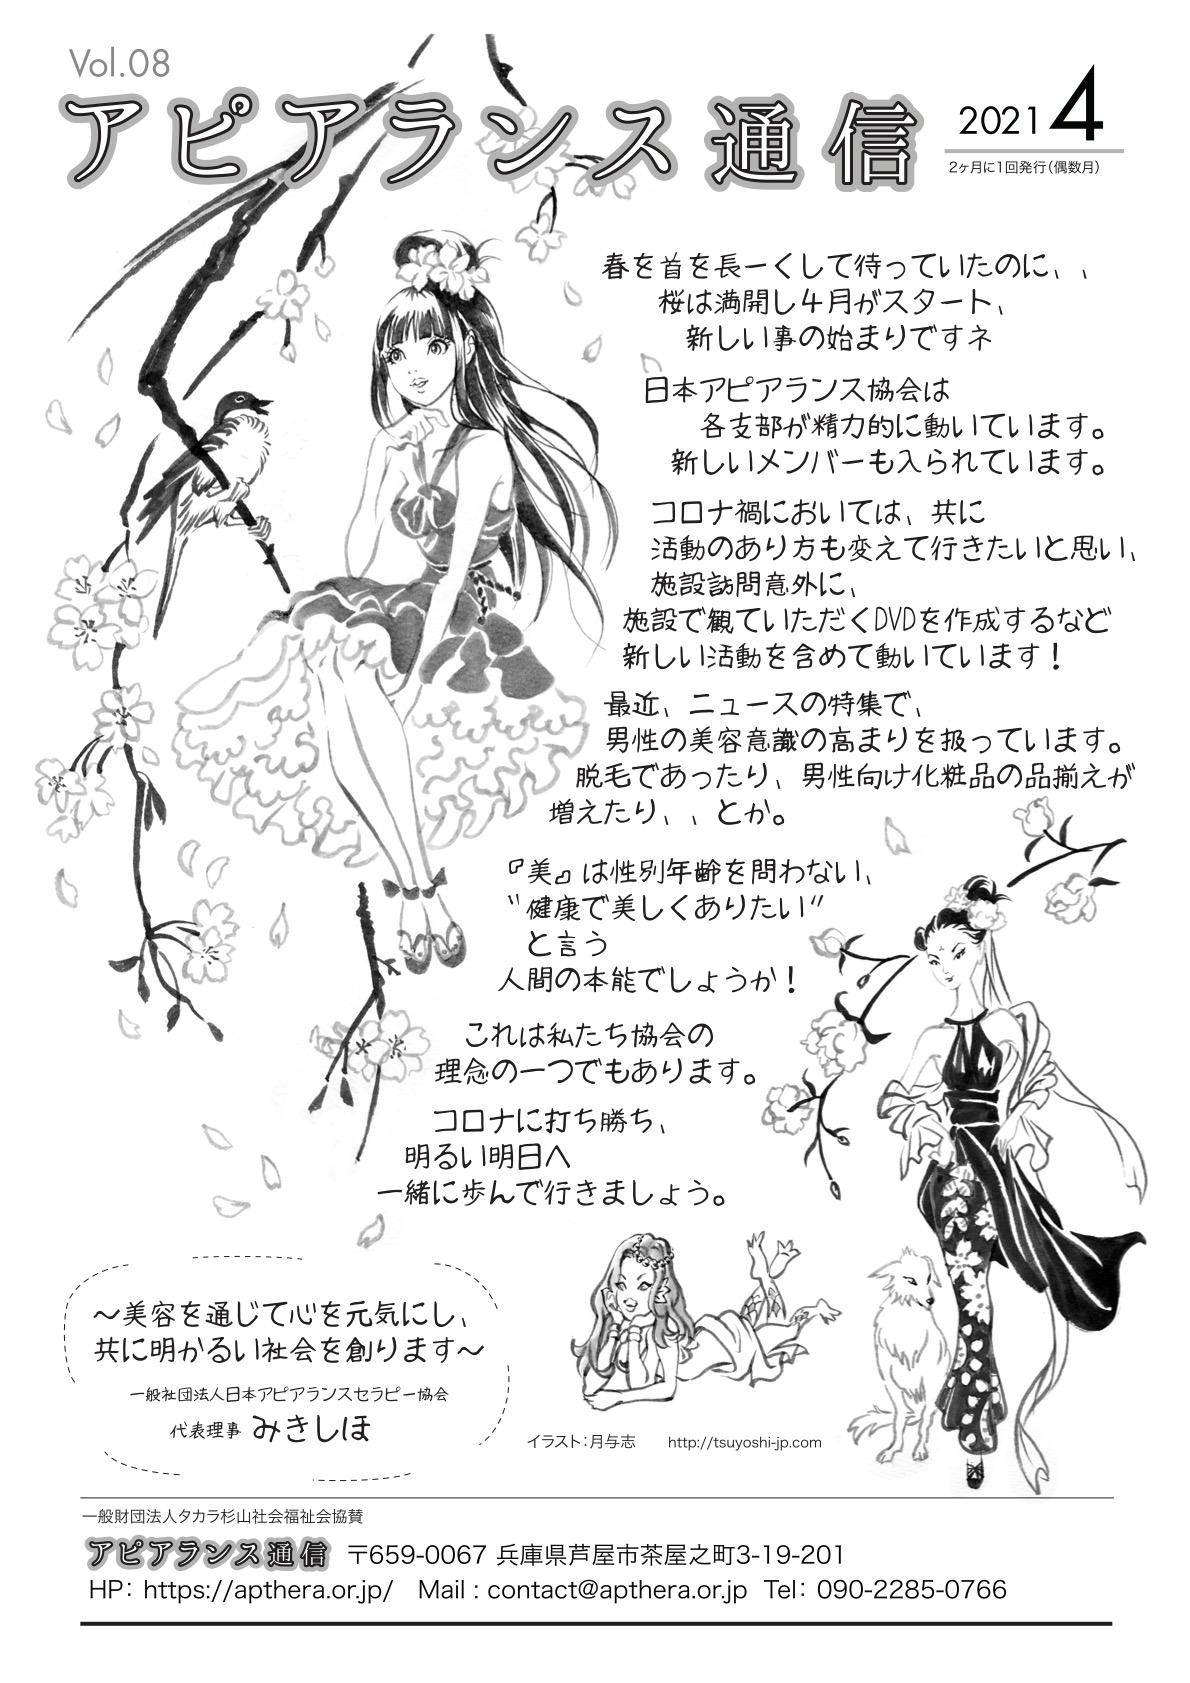 アピアランス通信Vol.8 コロナ2年目新年度編